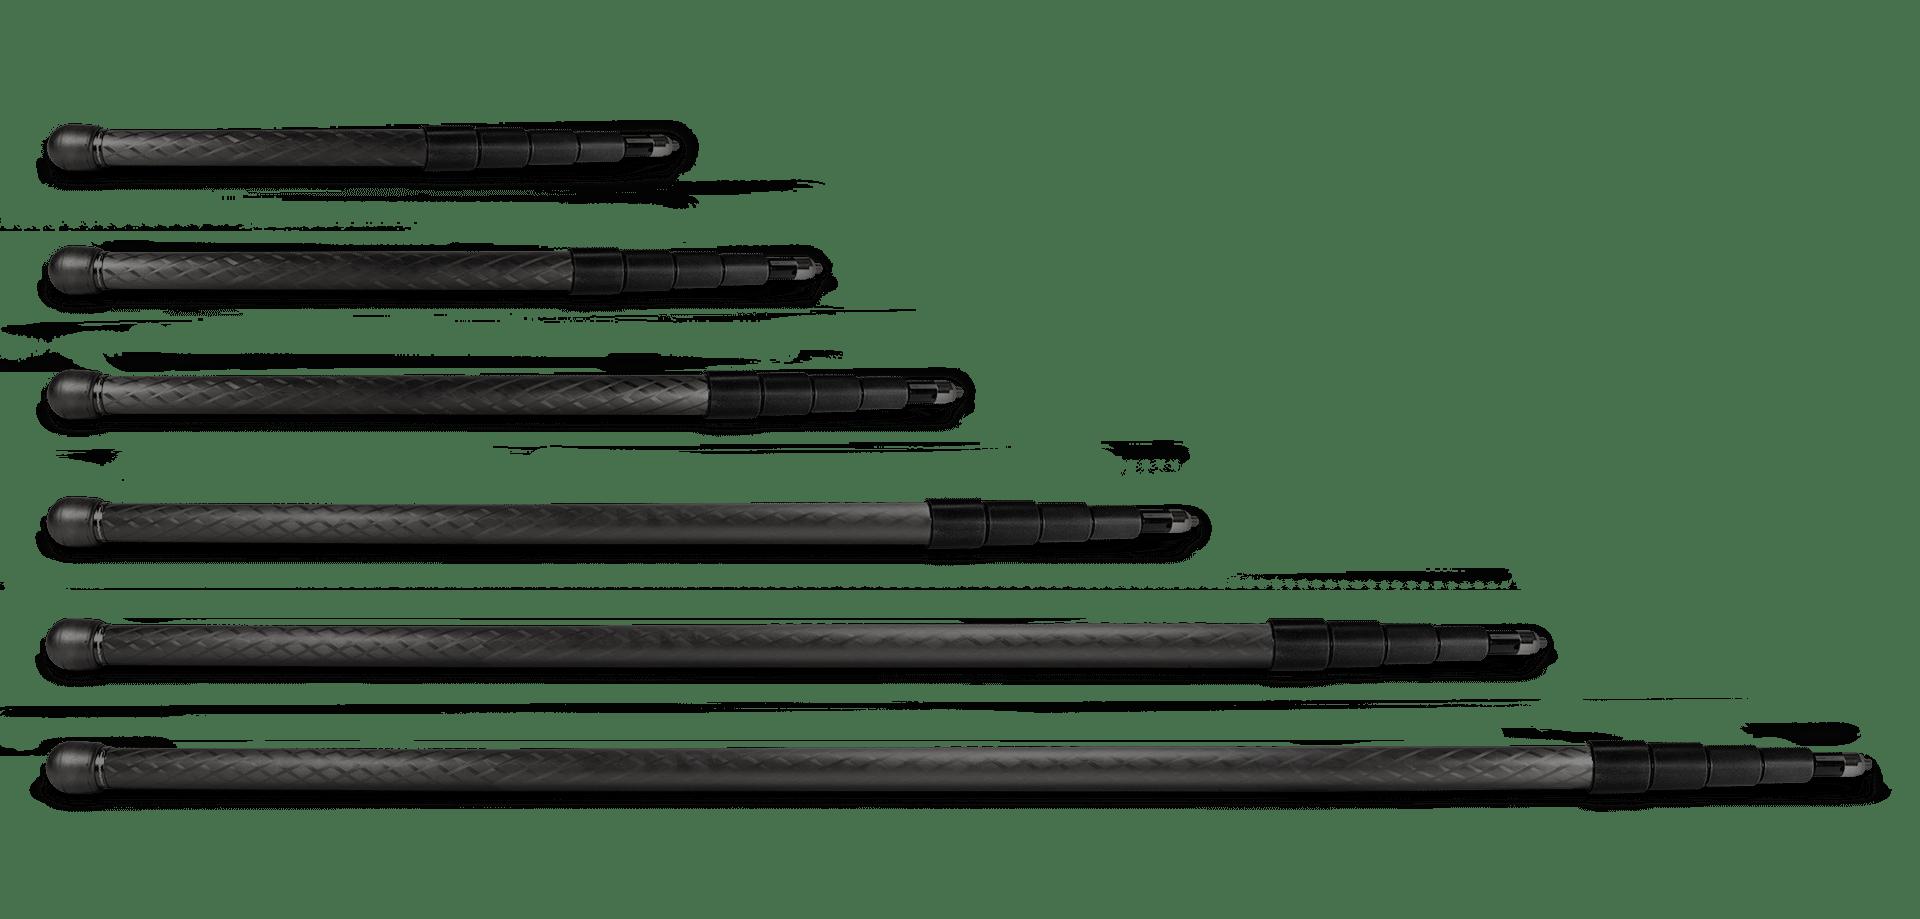 Quickpole Series 5 Übersicht aller Modelle